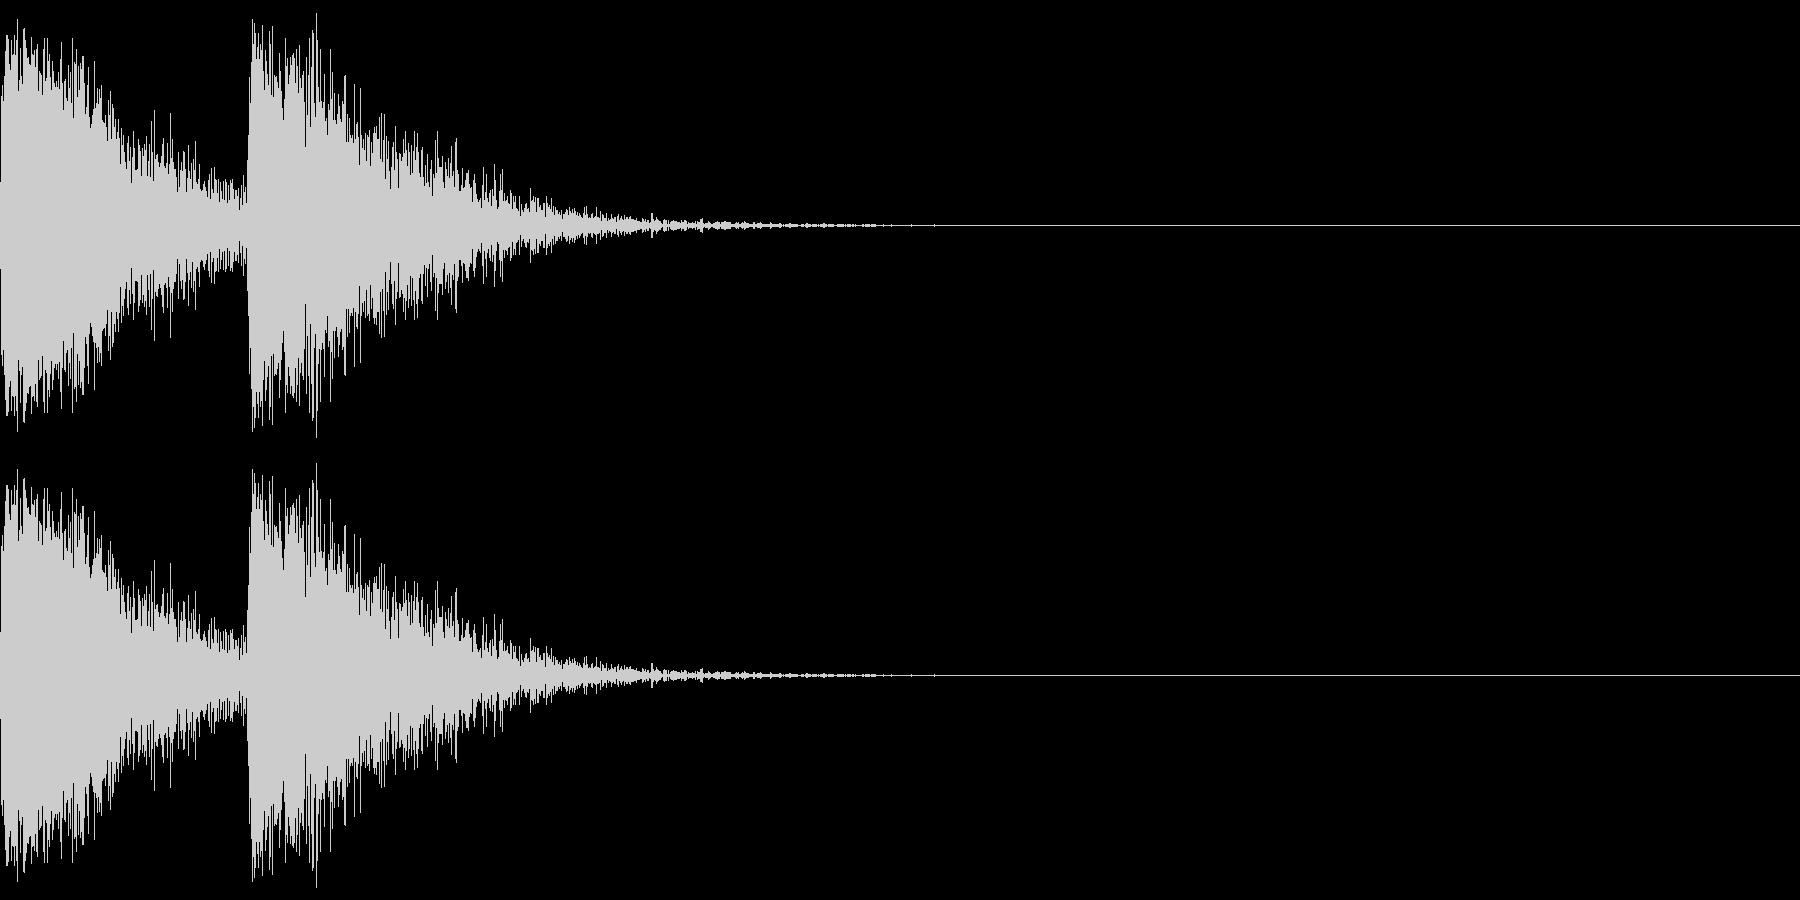 【SE】攻撃音02ヒット2発(ビビシー)の未再生の波形